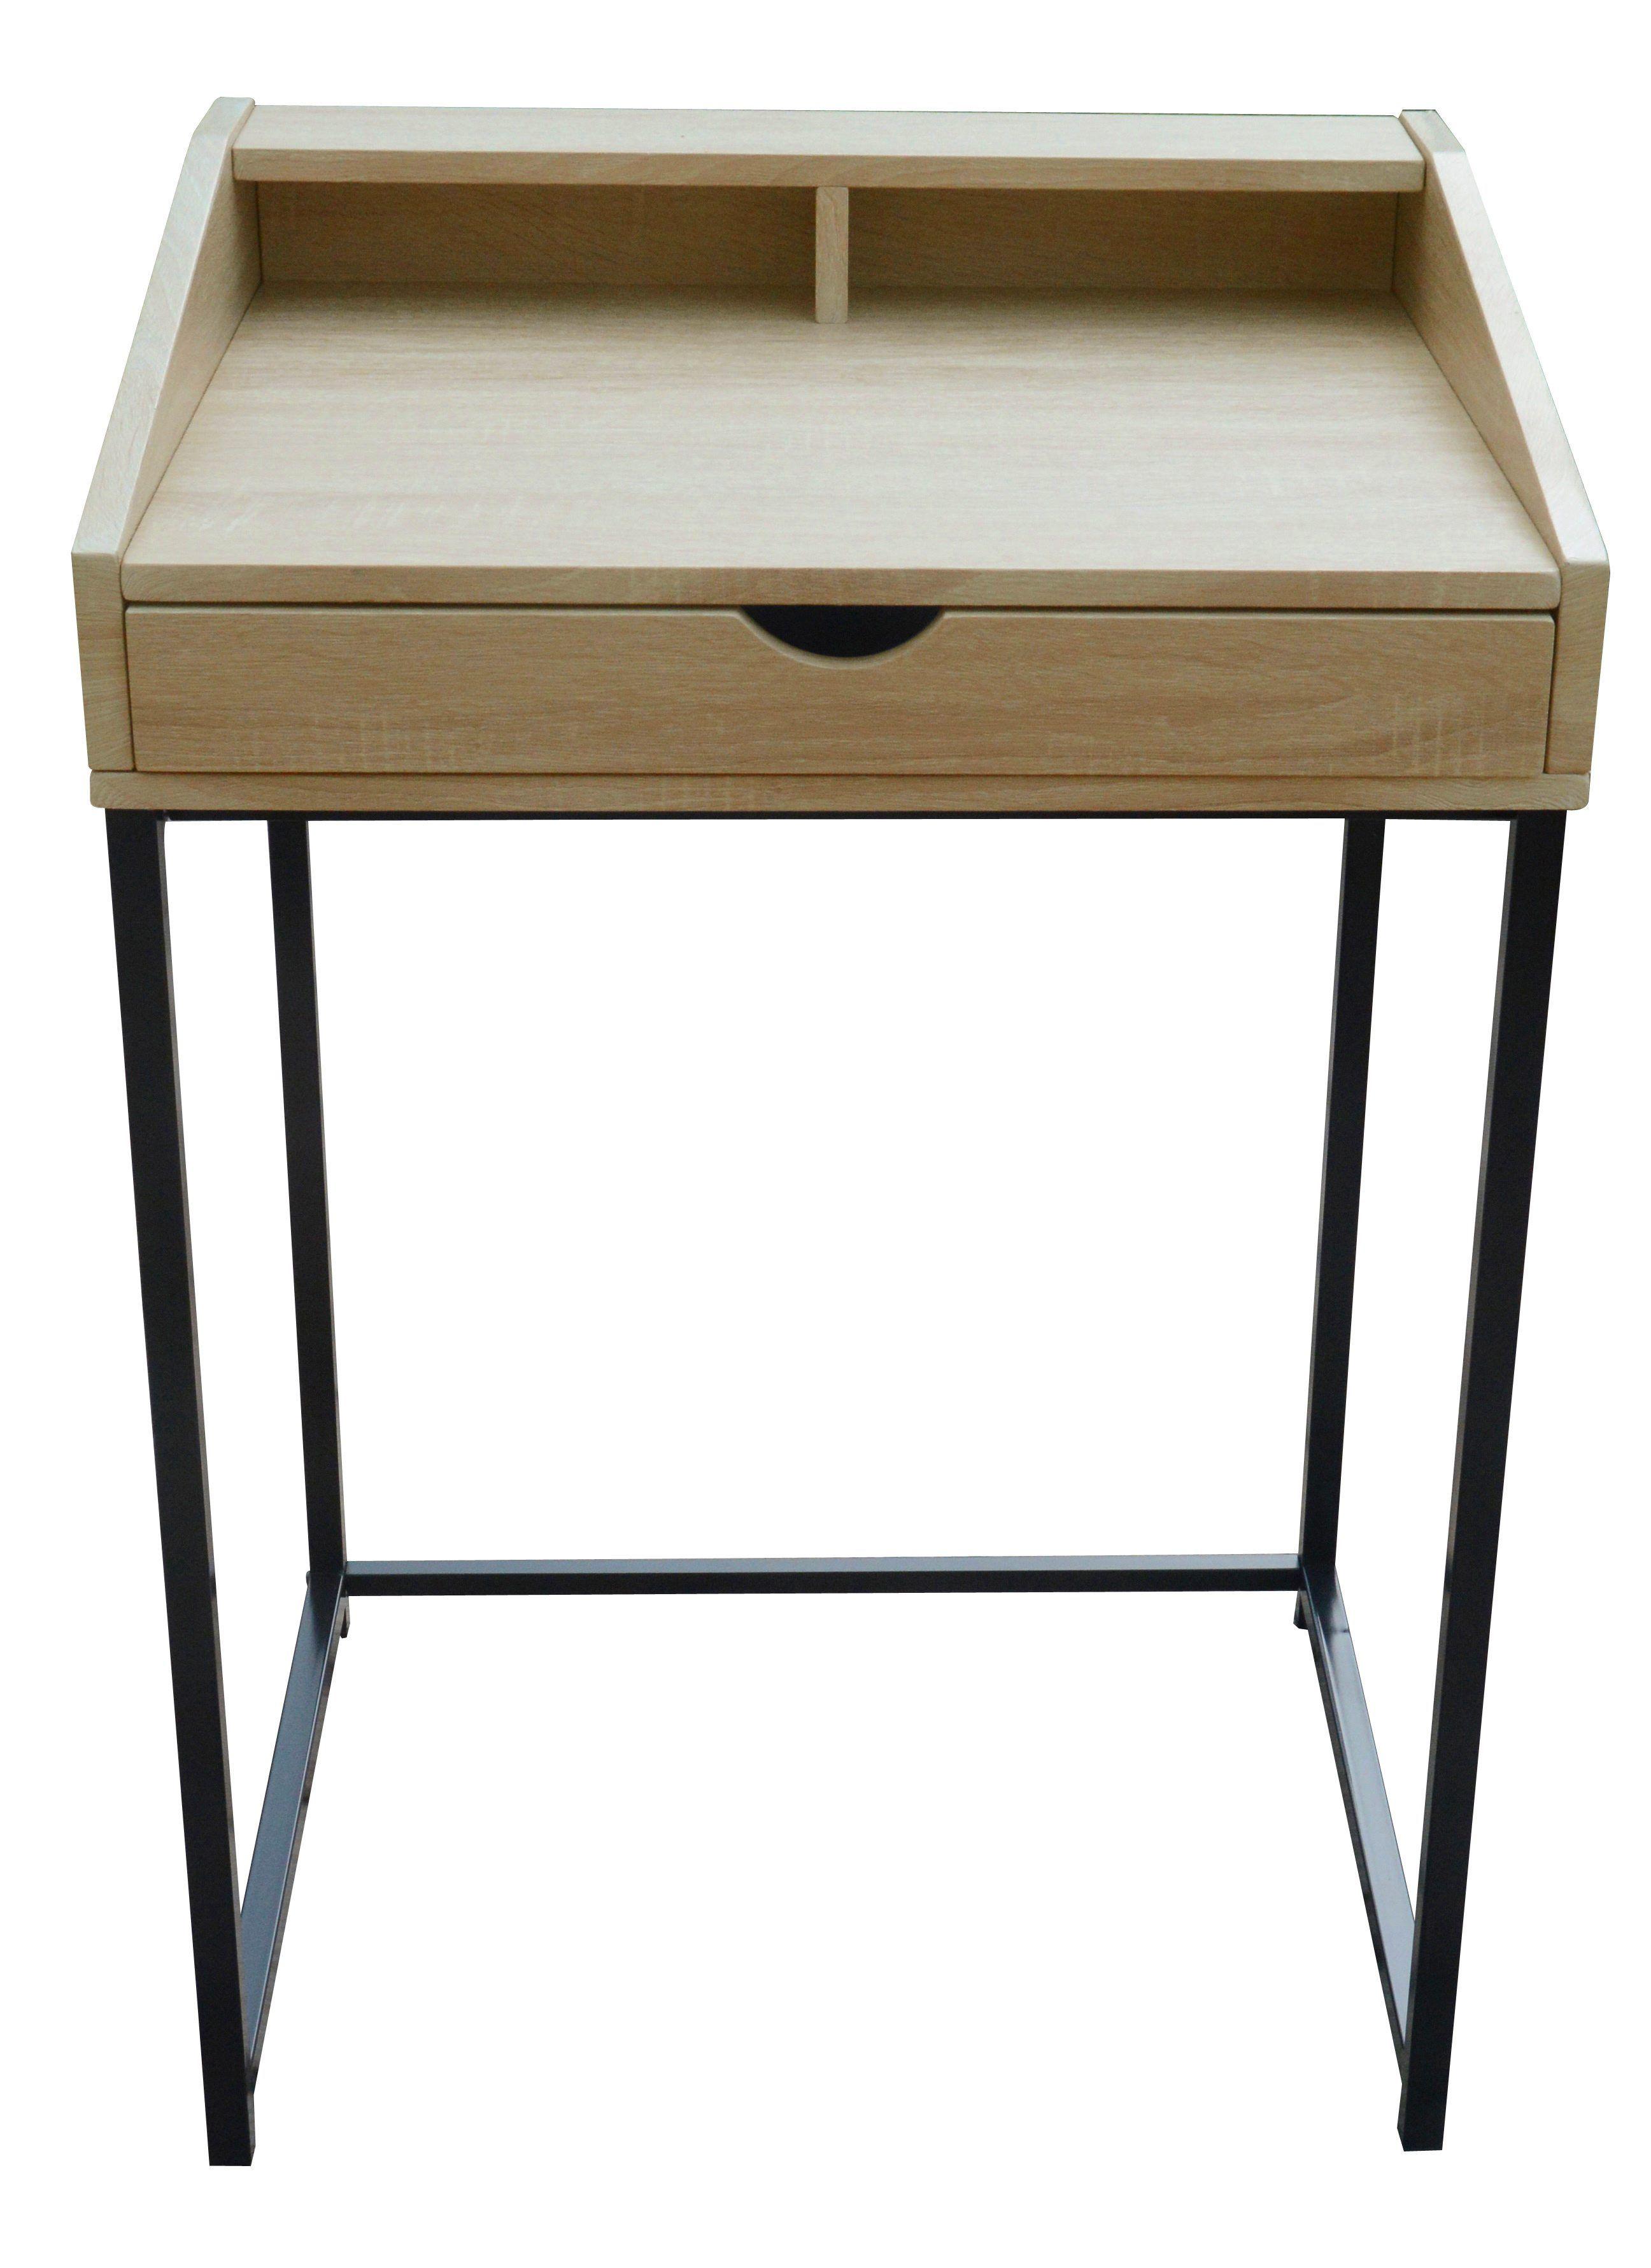 bureau ludo chêne et noir | bureau pour chambre, ordinateur pas cher